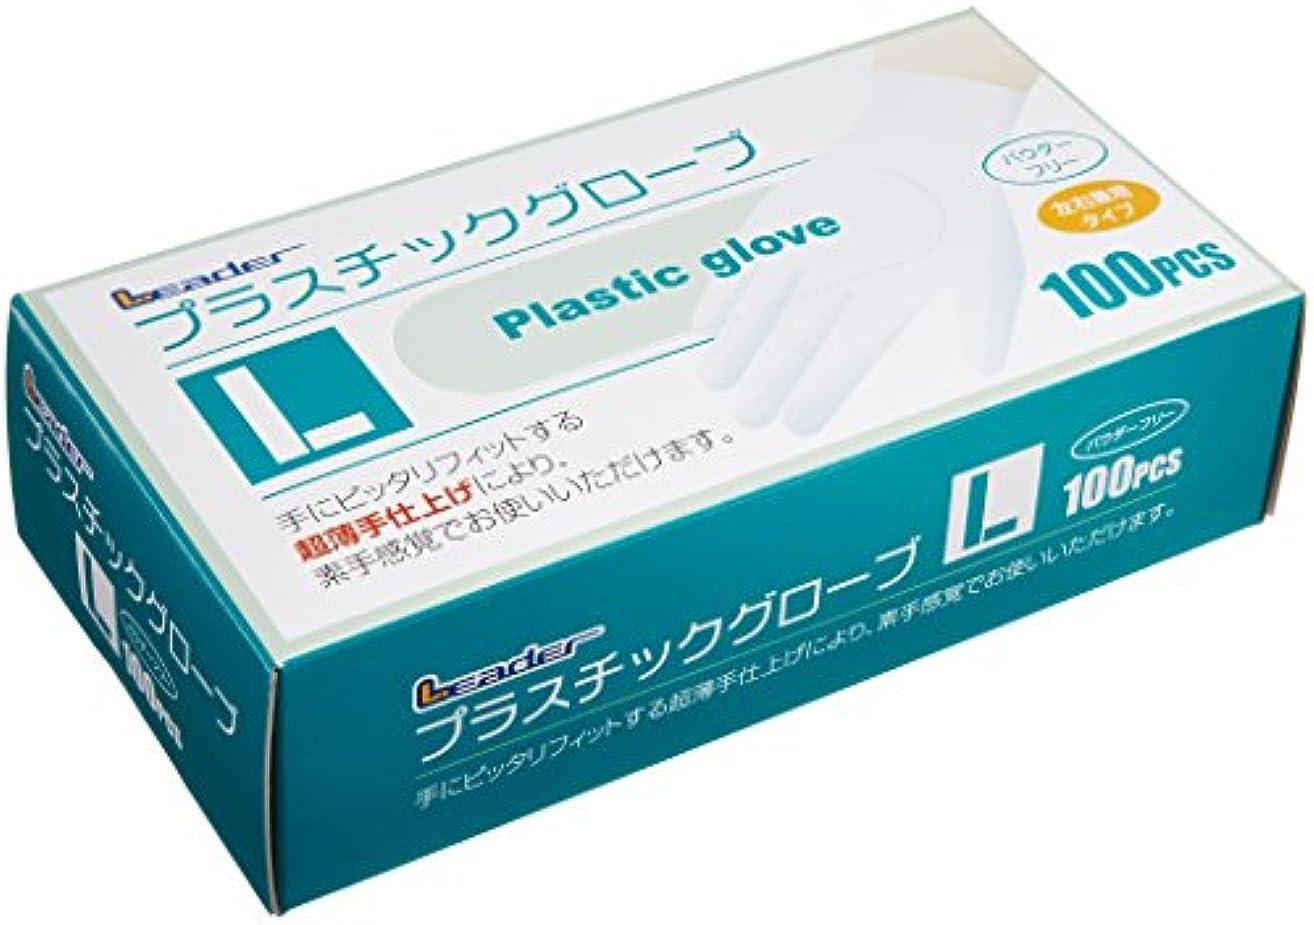 ネーピア同盟化学薬品リーダー プラスチックグローブ Lサイズ 100枚入